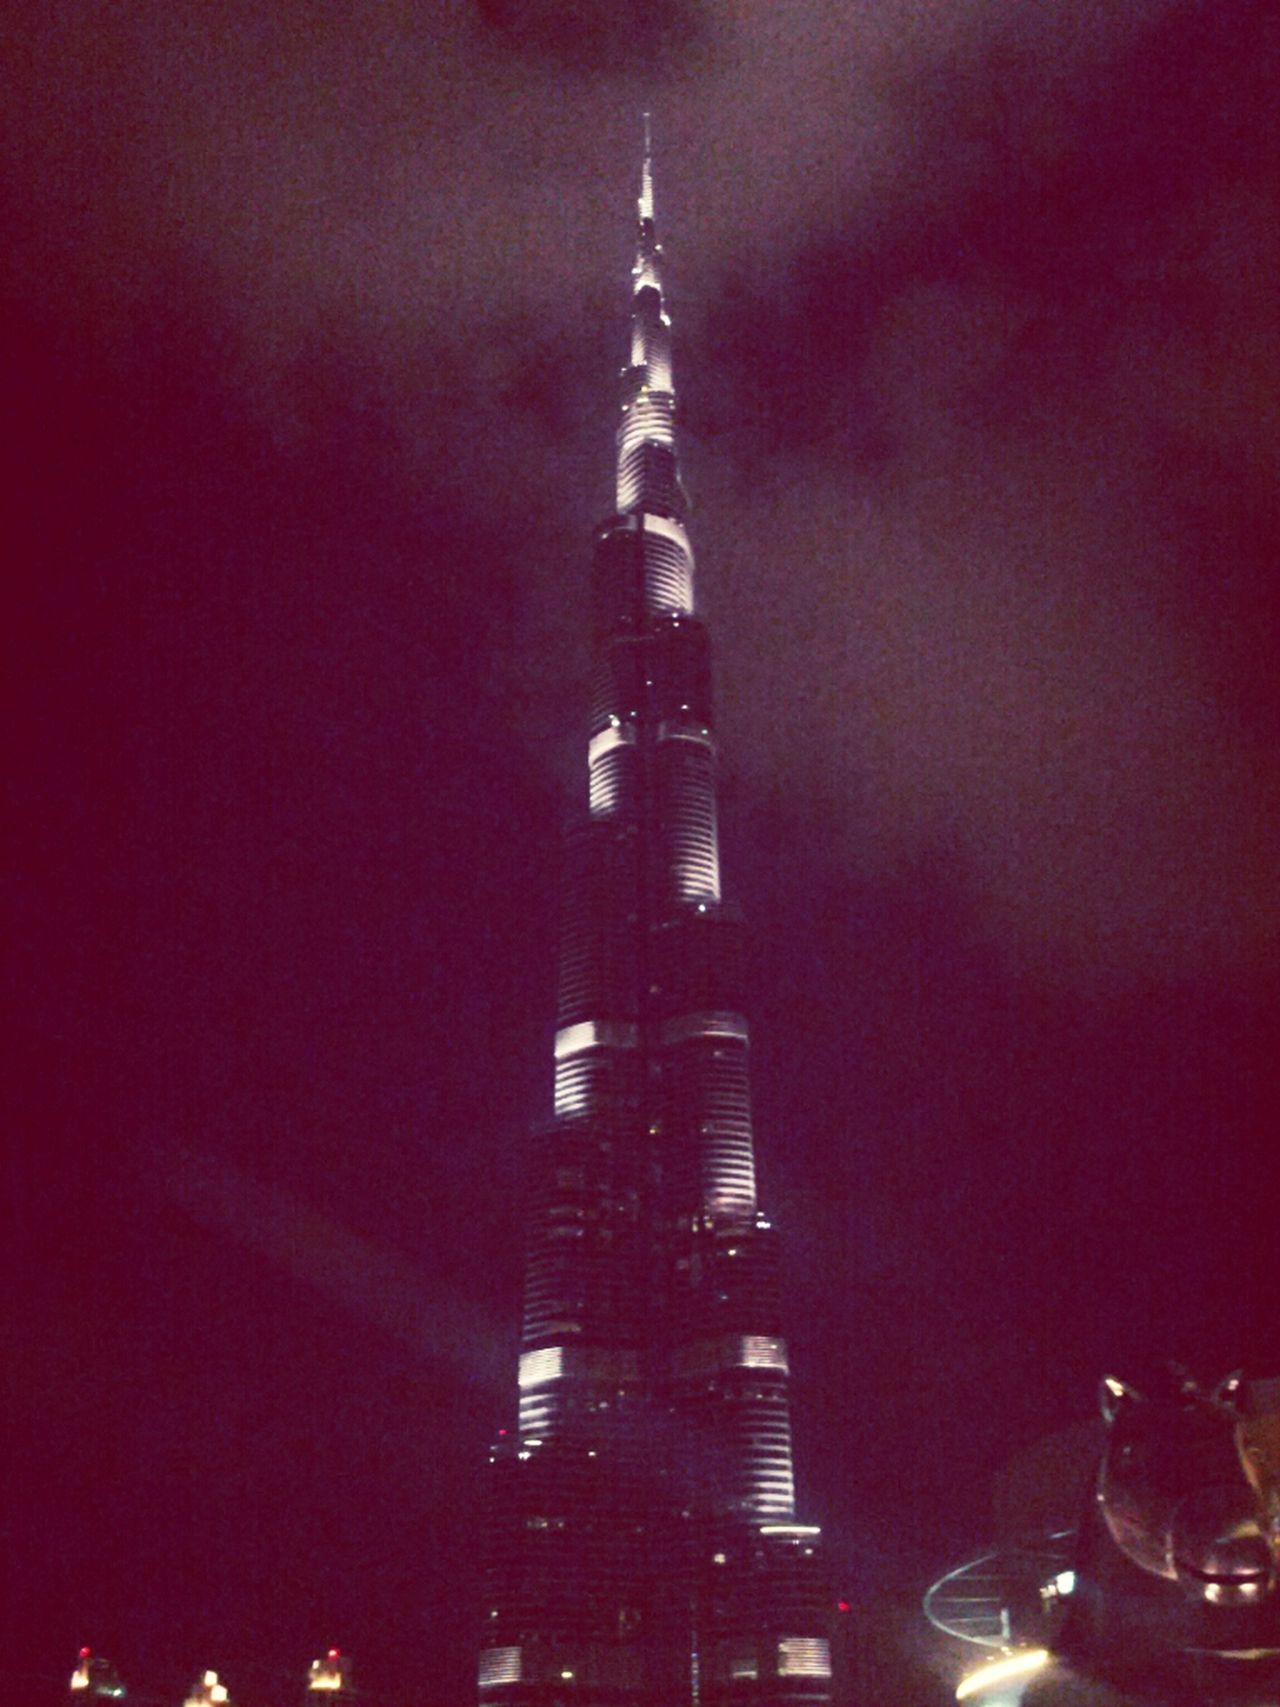 Burj Khalife